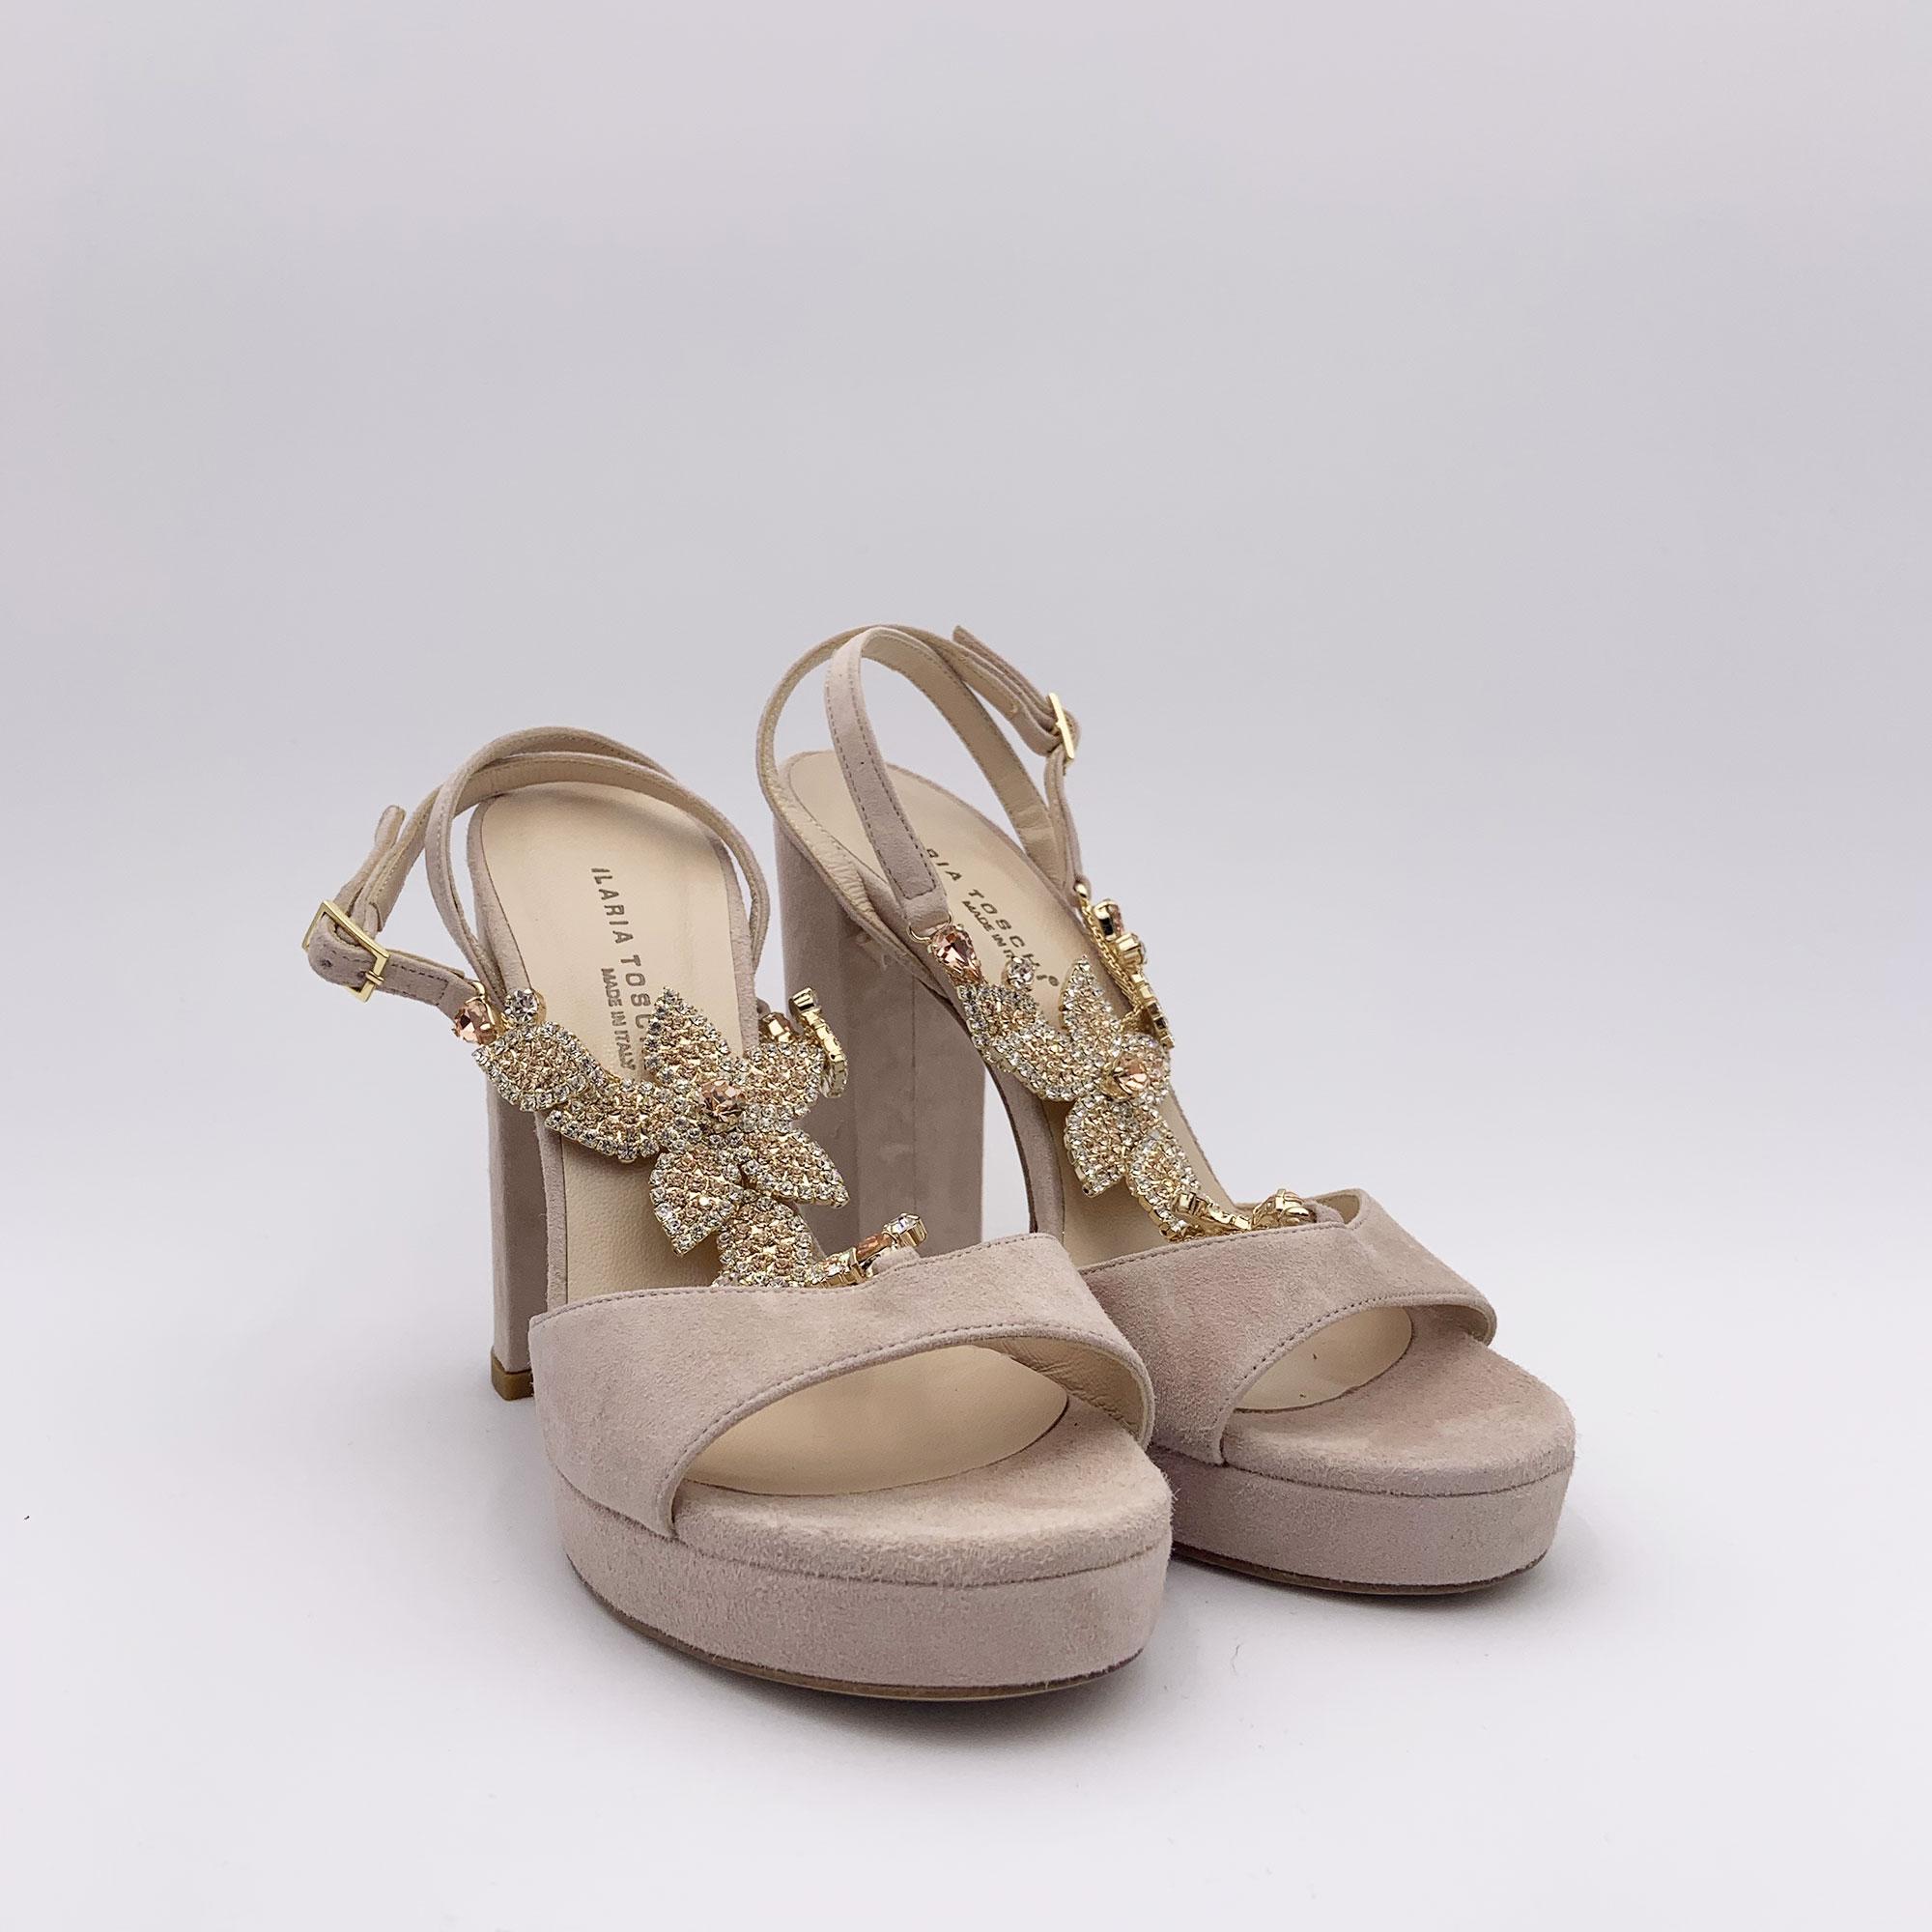 Sandalo aplicazione gioiello - Cipria